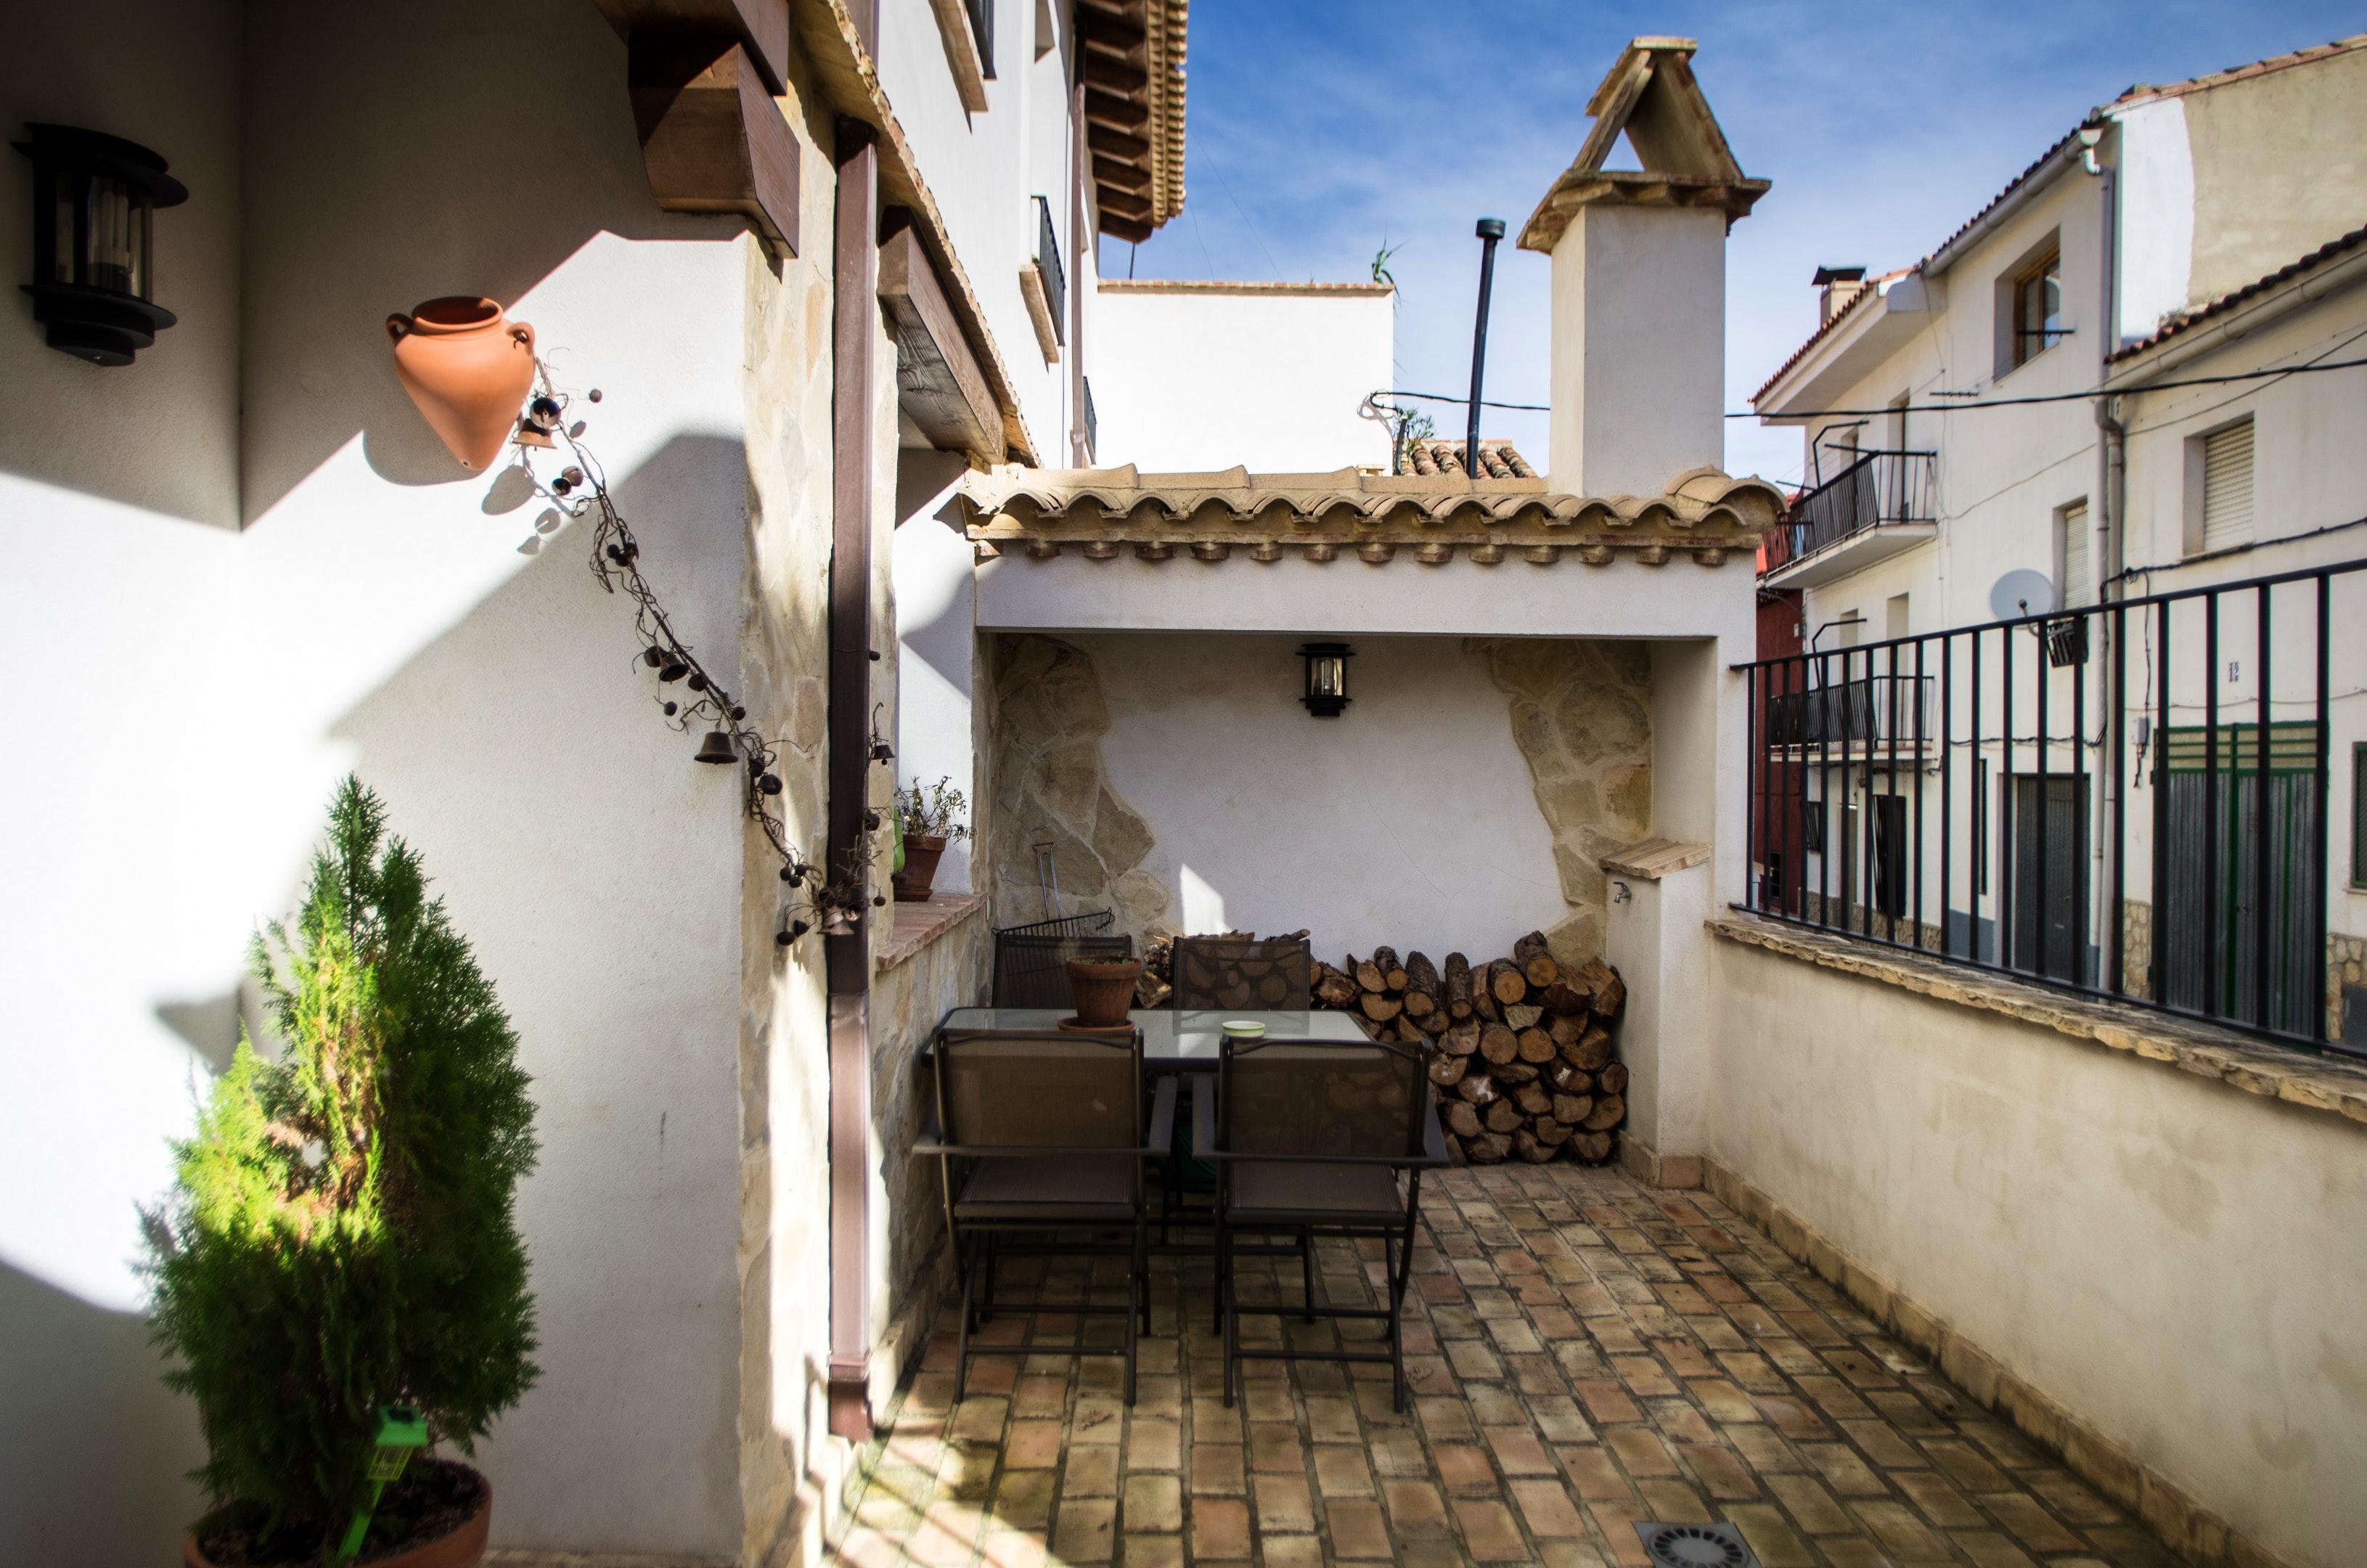 Ferienhaus Haus mit 3 Schlafzimmern in Talayuelas mit toller Aussicht auf die Berge, möblierter Terra (2202603), Talayuelas, Cuenca, Kastilien-La Mancha, Spanien, Bild 4